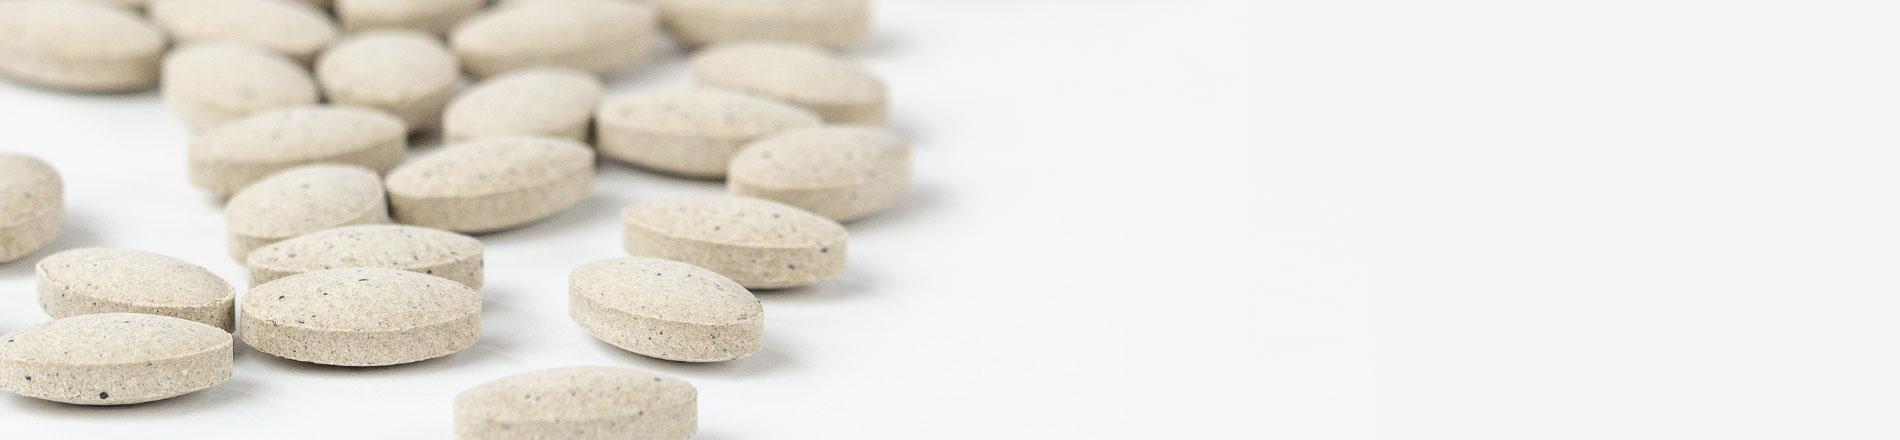 Mucuna tablets